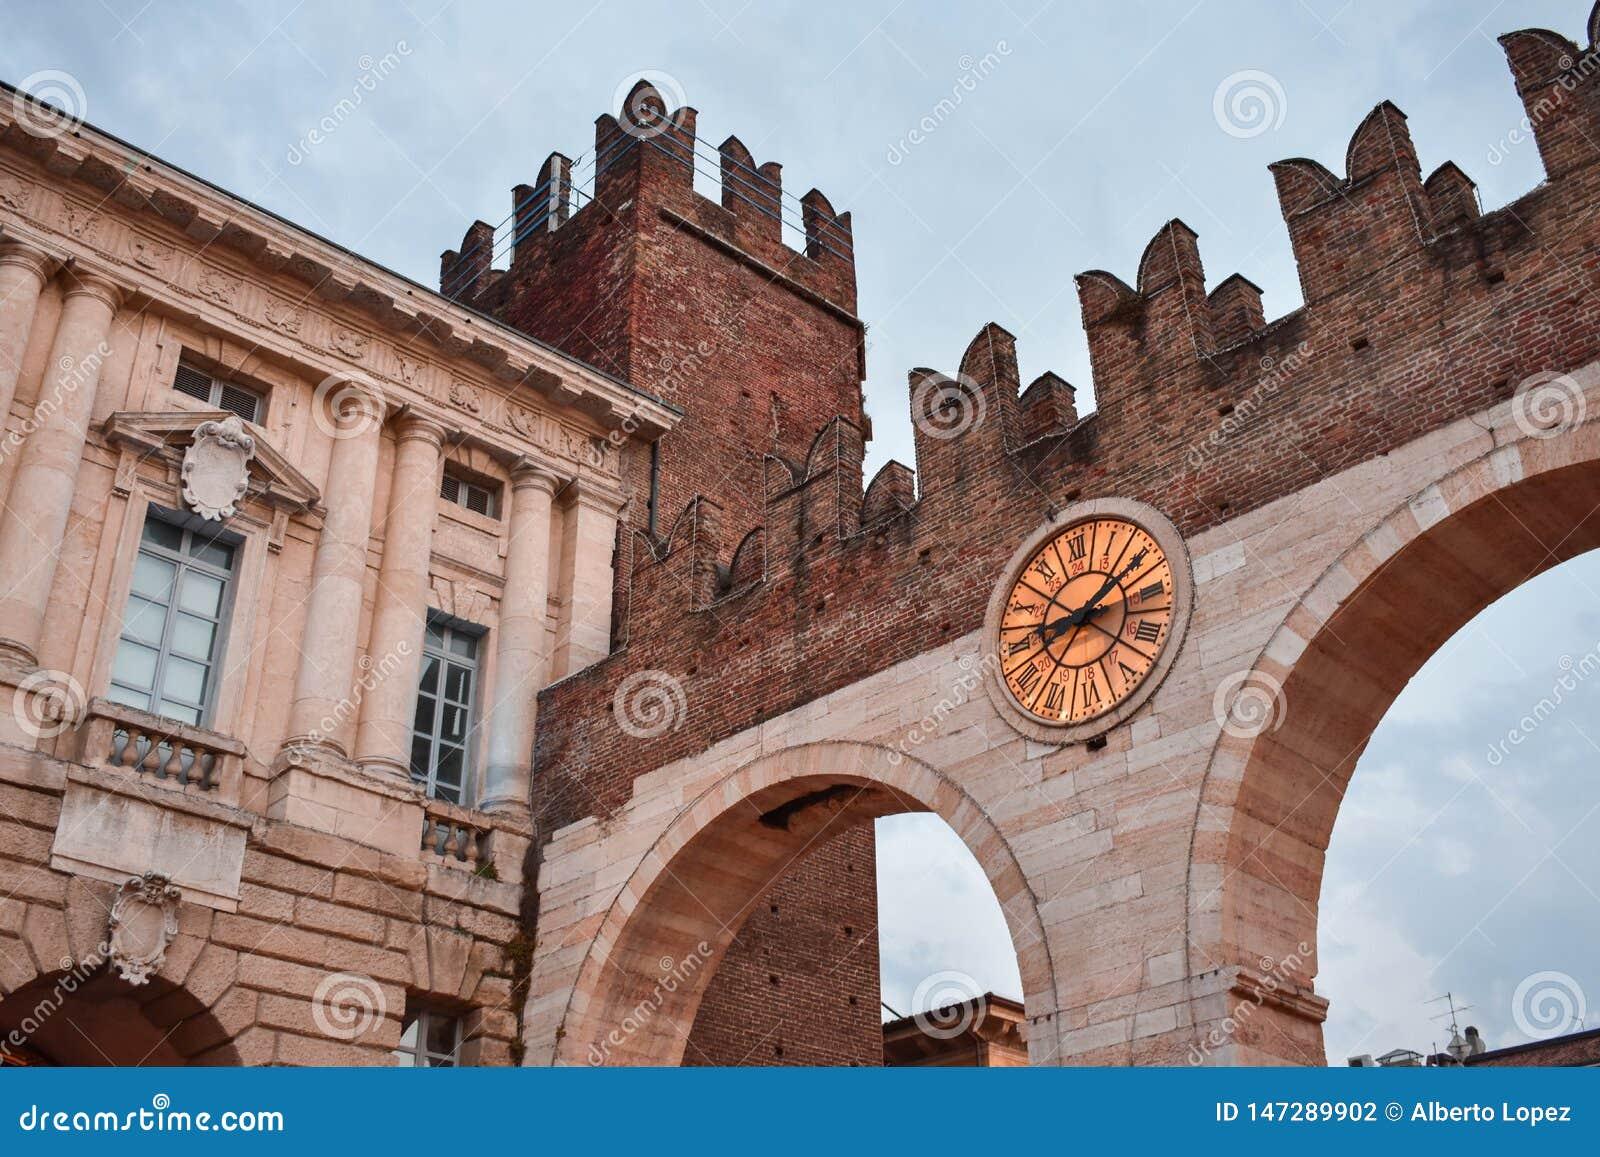 Medieval italian castle in Verona: Portoni della Bra.